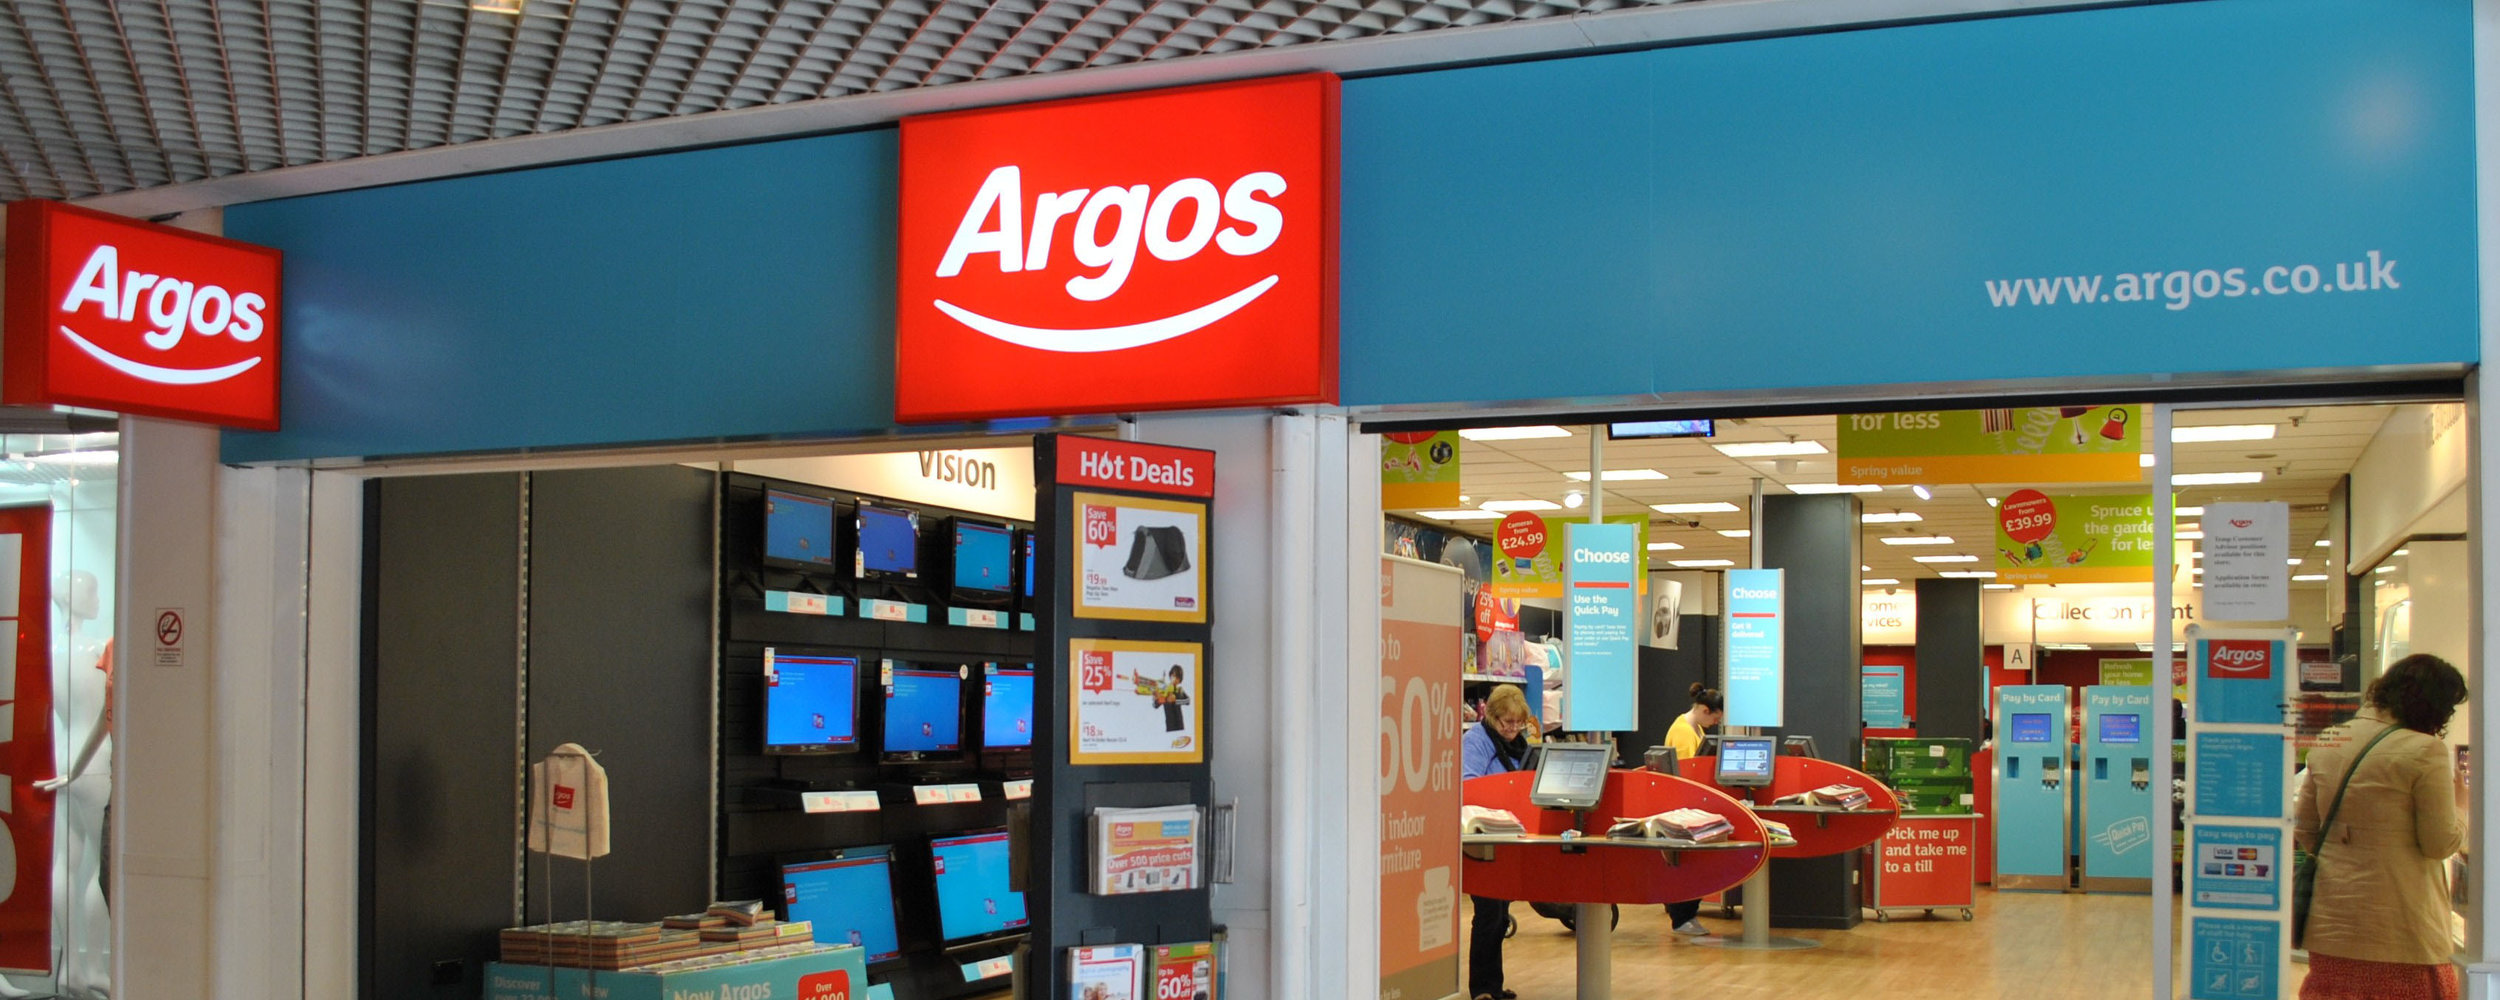 イギリス大手電化製品・家具取扱店アーゴス( Argos )の店舗例。出典: HRReview